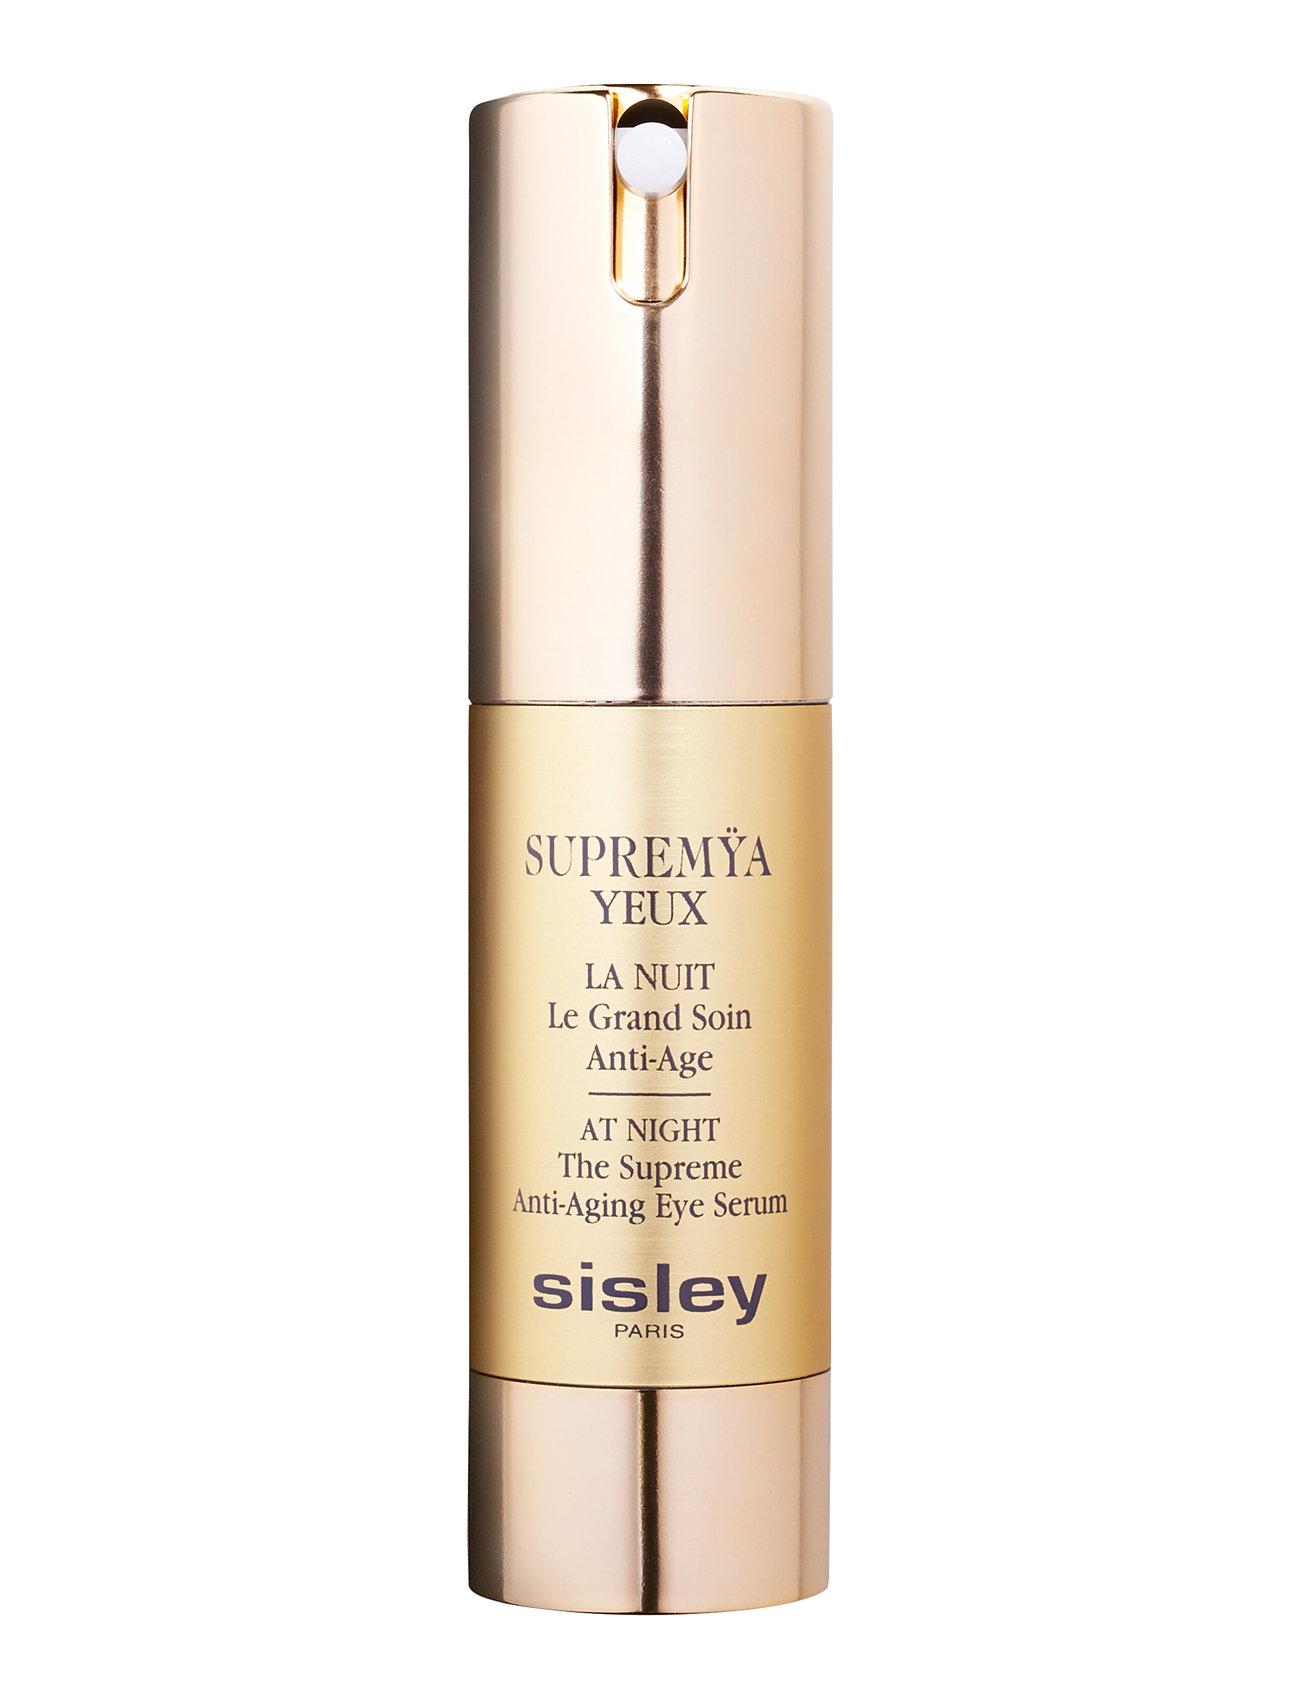 Sisley SUPREMYA YEUX 15ml - CLEAR